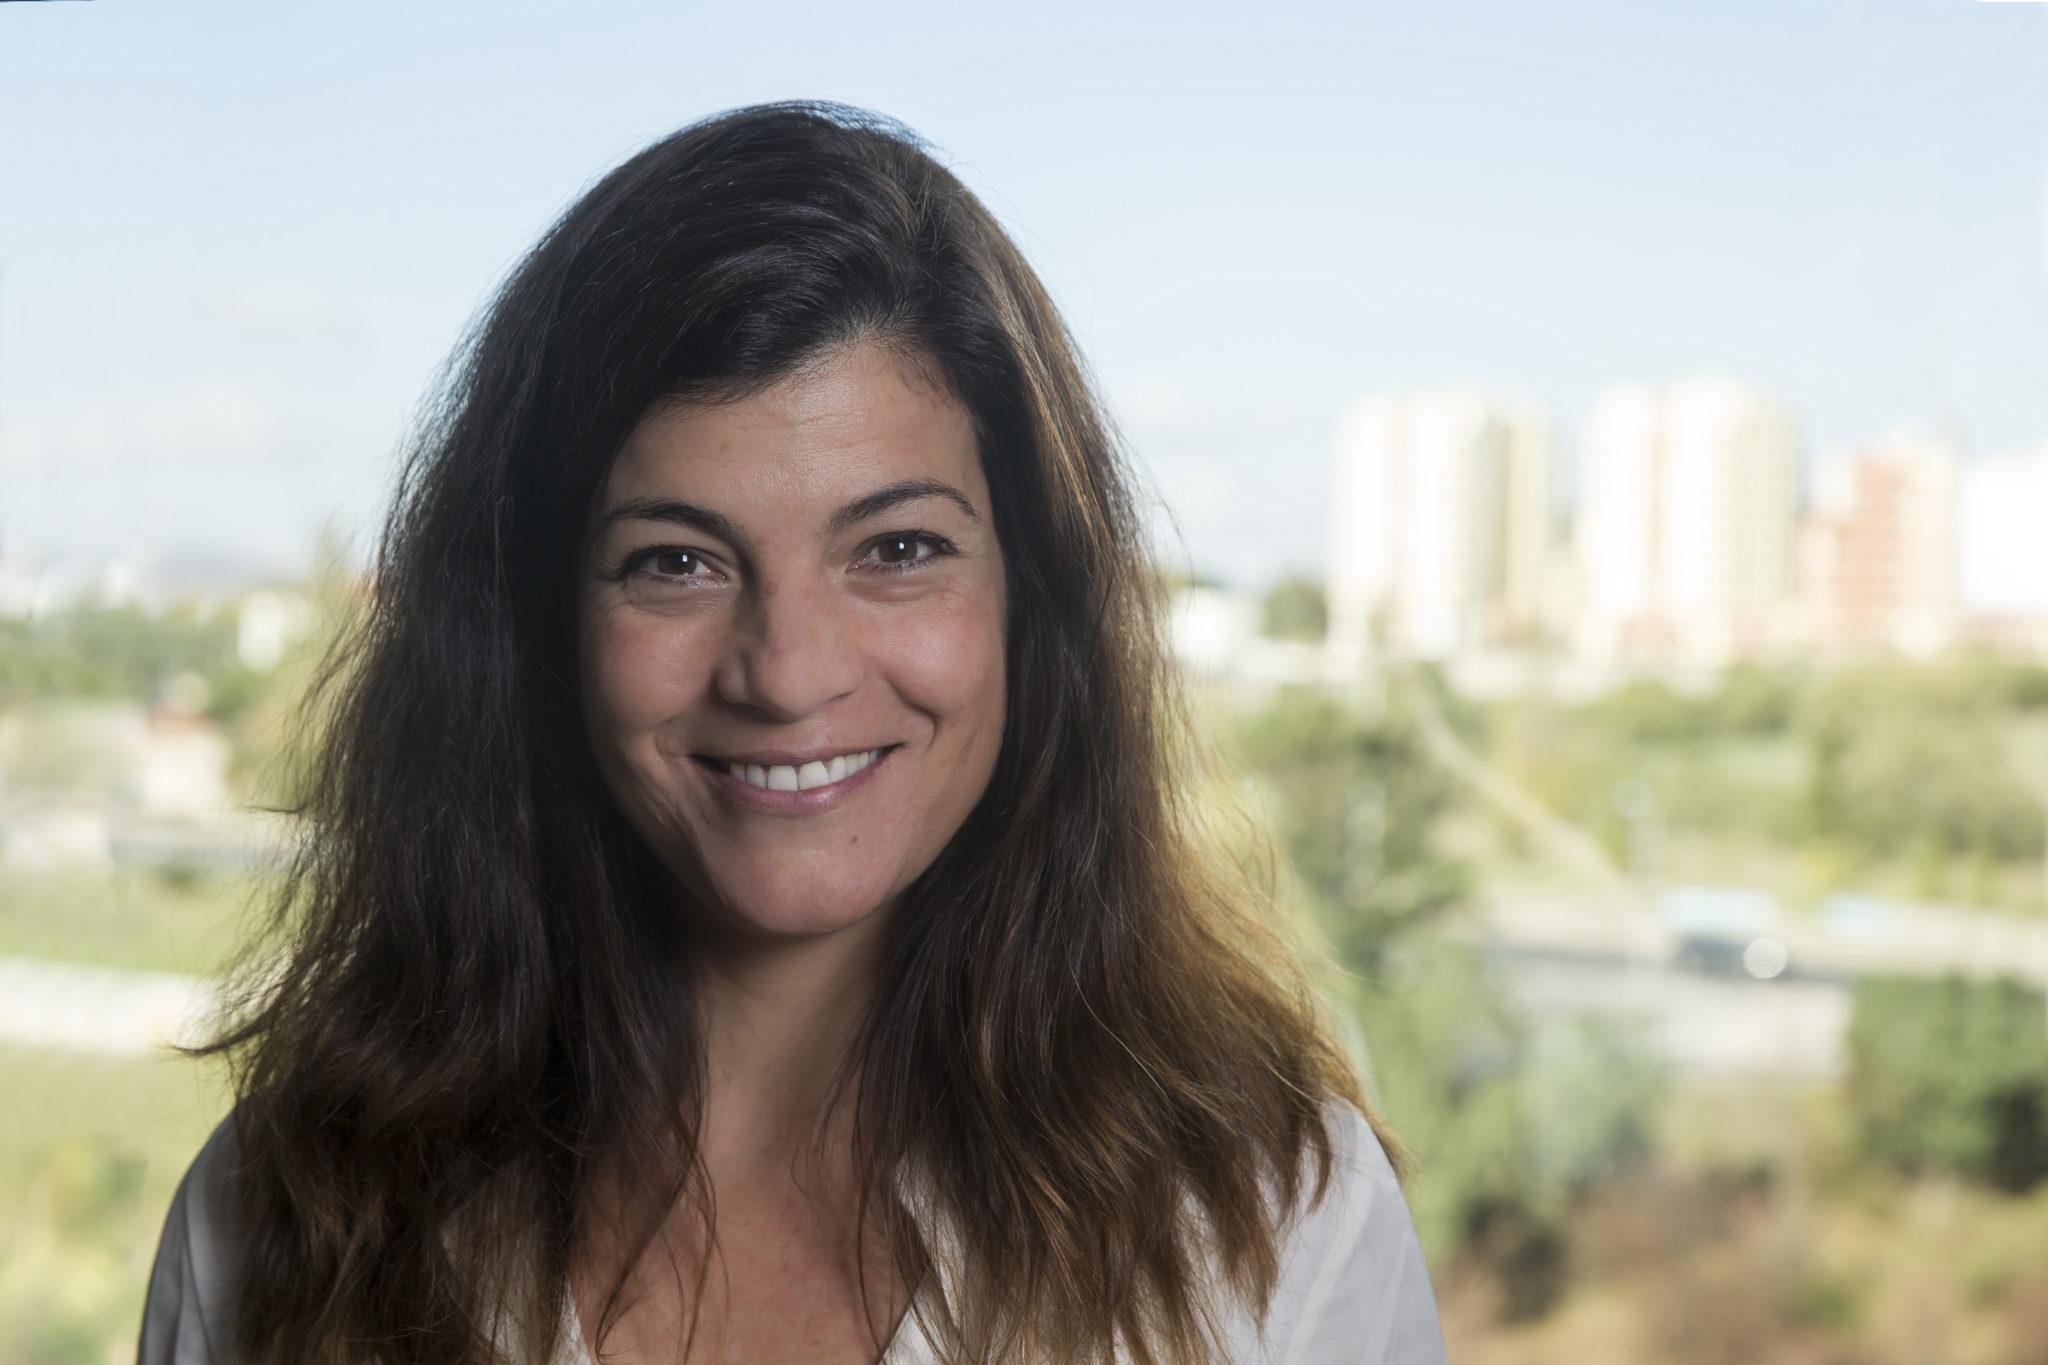 Joana Garoupa